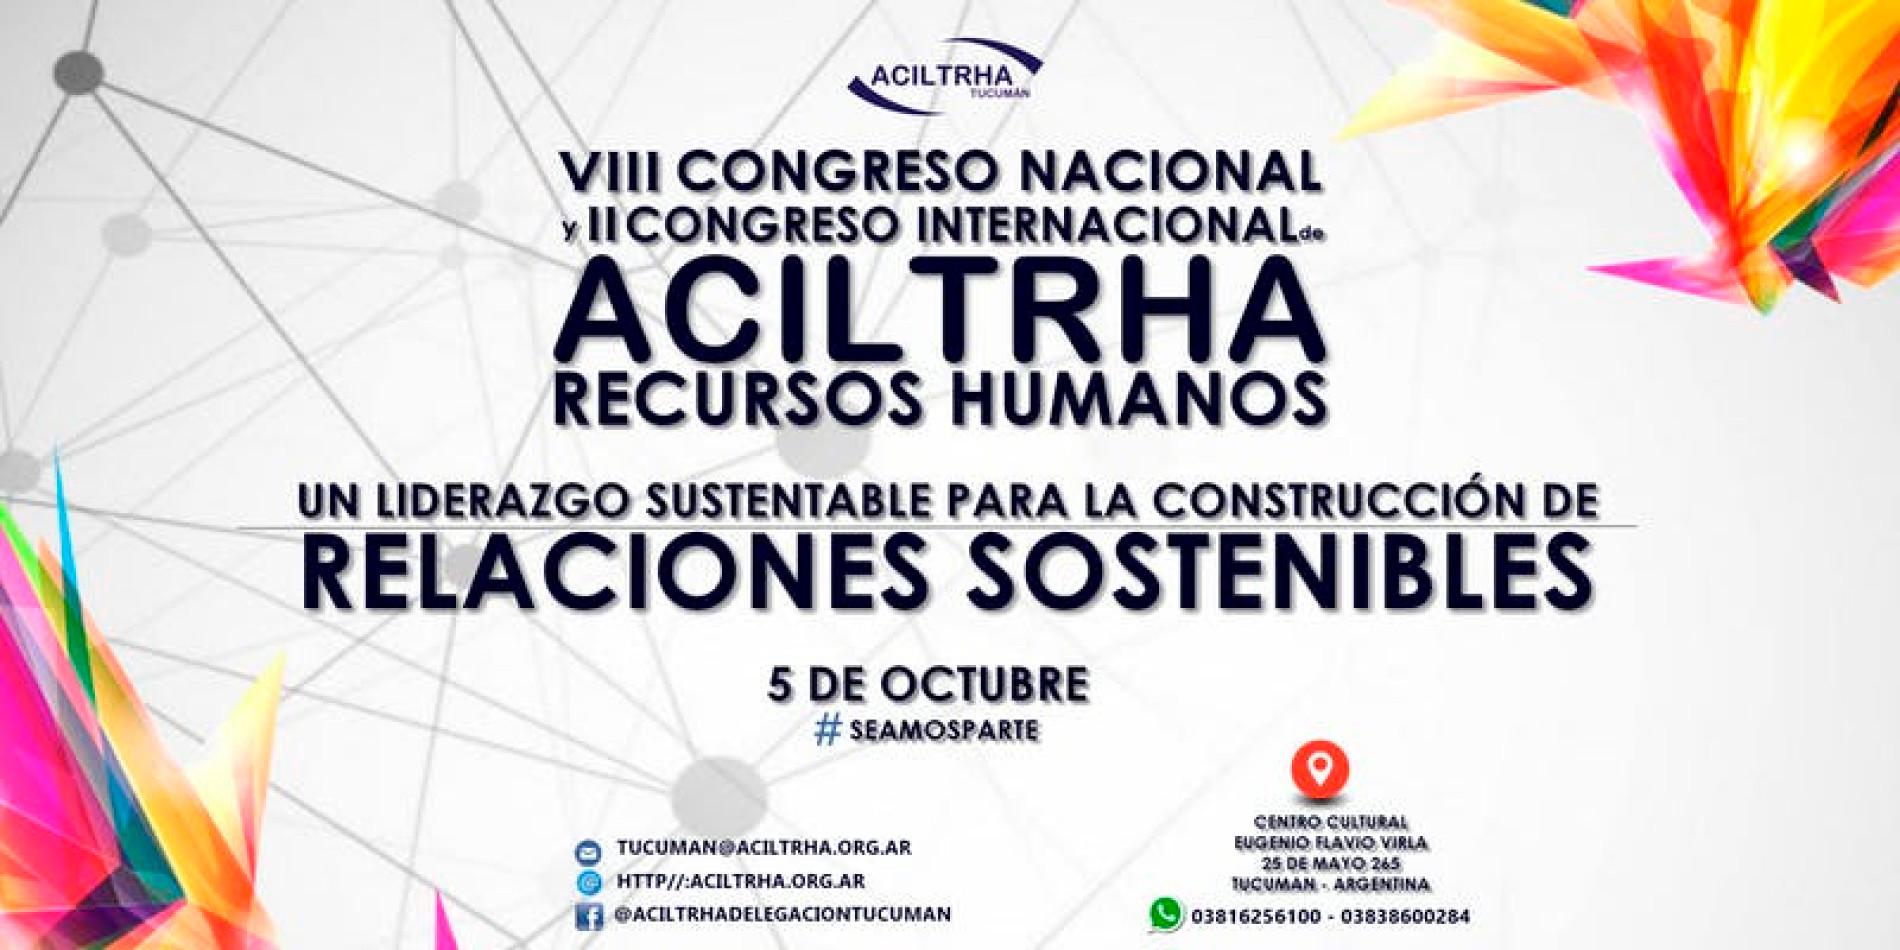 VIII CONGRESO NACIONAL Y II INTERNACIONAL DE ACILTRHA «Un liderazgo sustentable para la construcción de relaciones sostenibles» | 2018